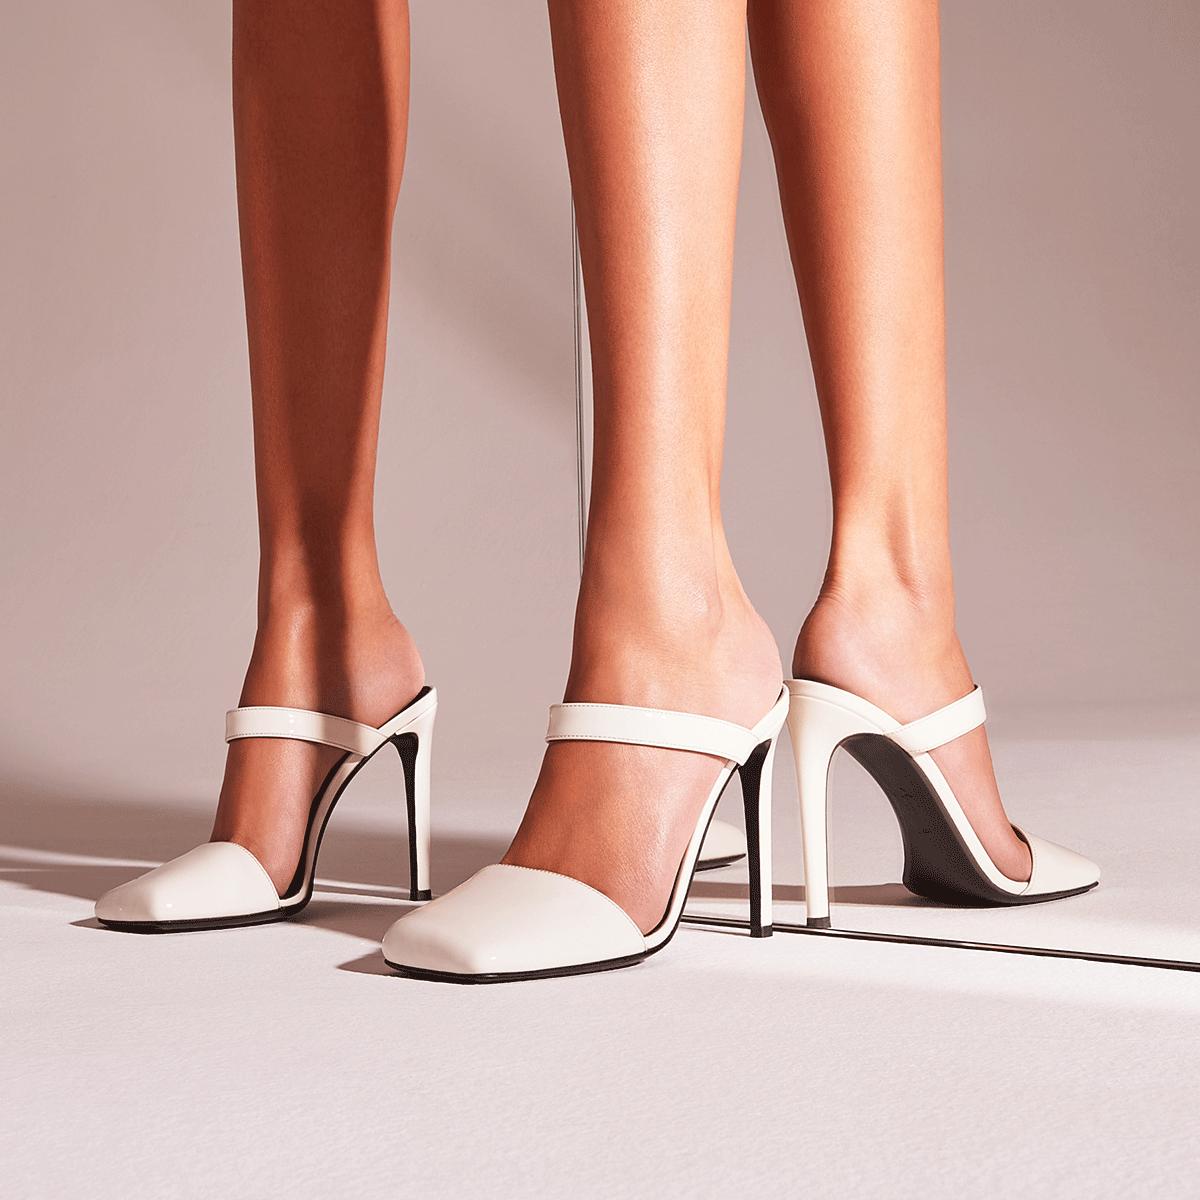 Giuseppe Zanotti Shoes Best Heels